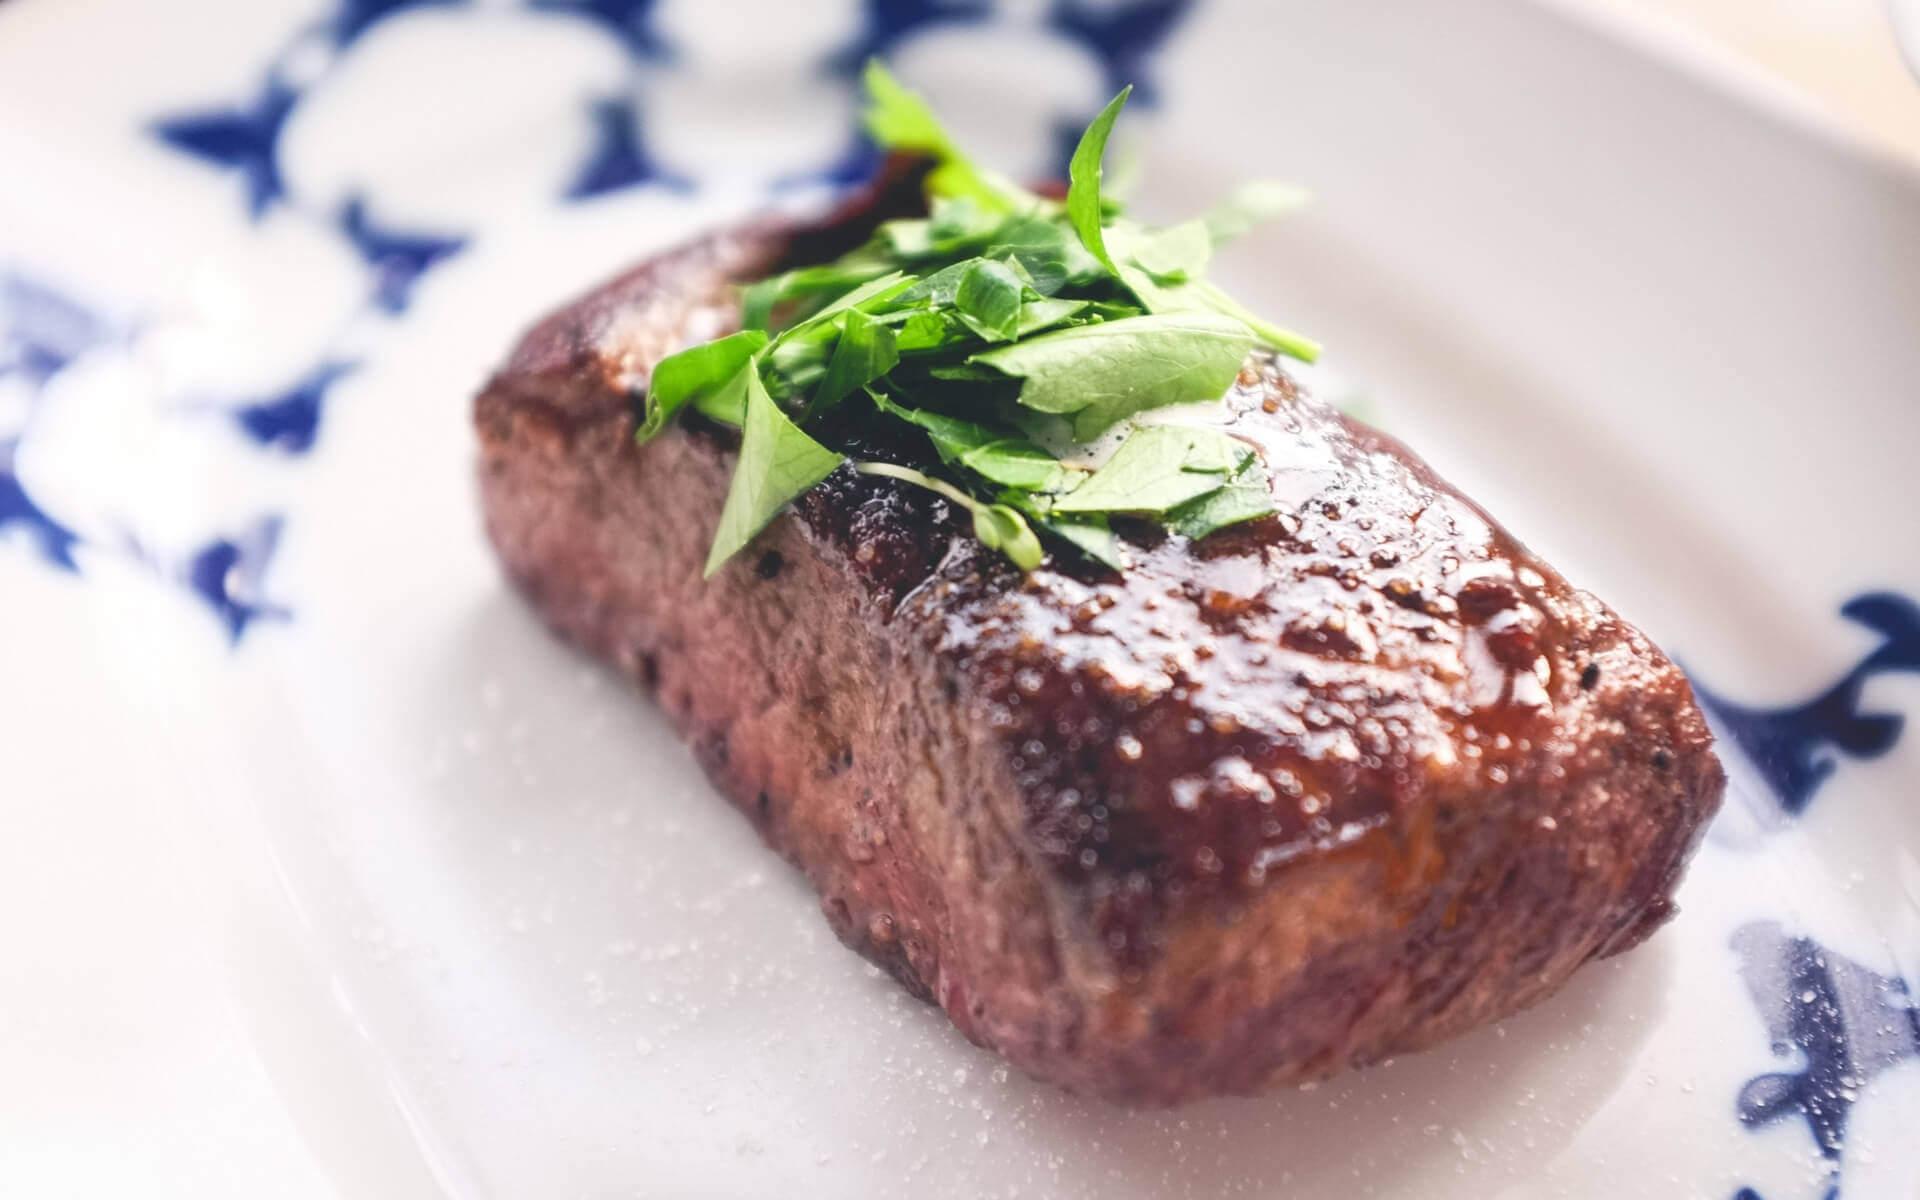 Das perfekte Steak – So gelingt es auch dir ohne Probleme